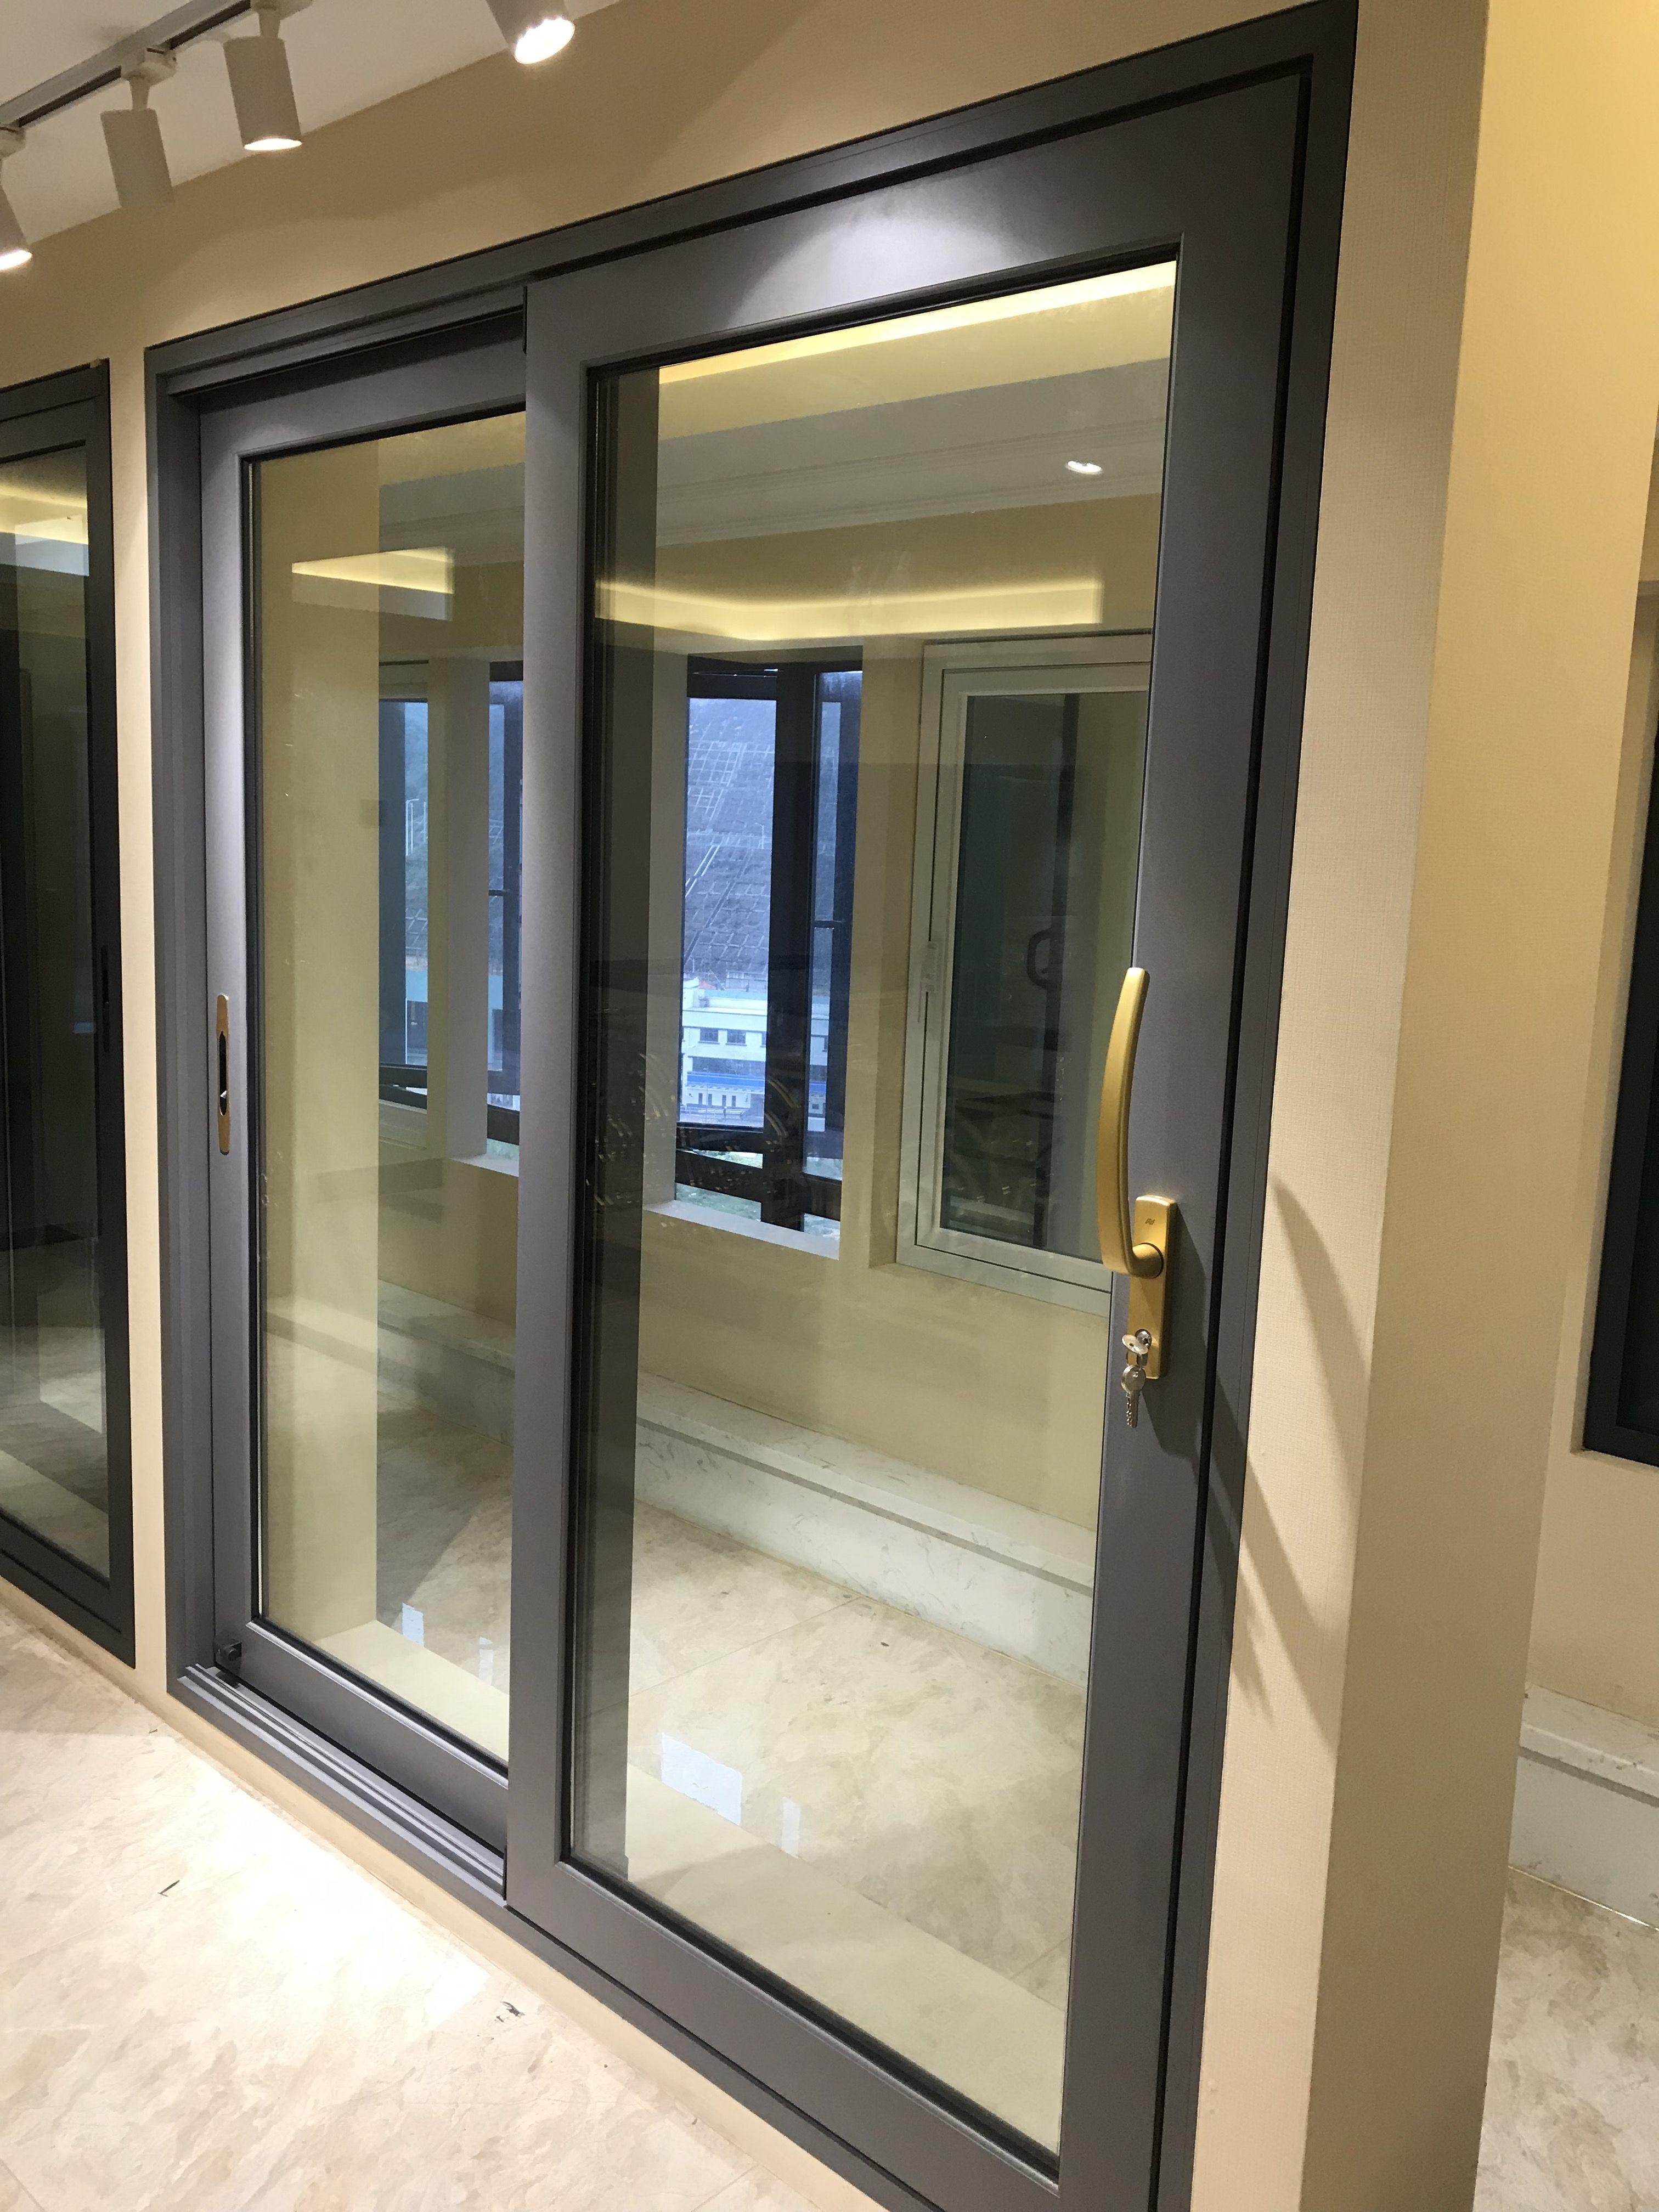 Best Sliding Glass Doors In 2020 Best Sliding Glass Doors Sliding Glass Door Windows And Doors